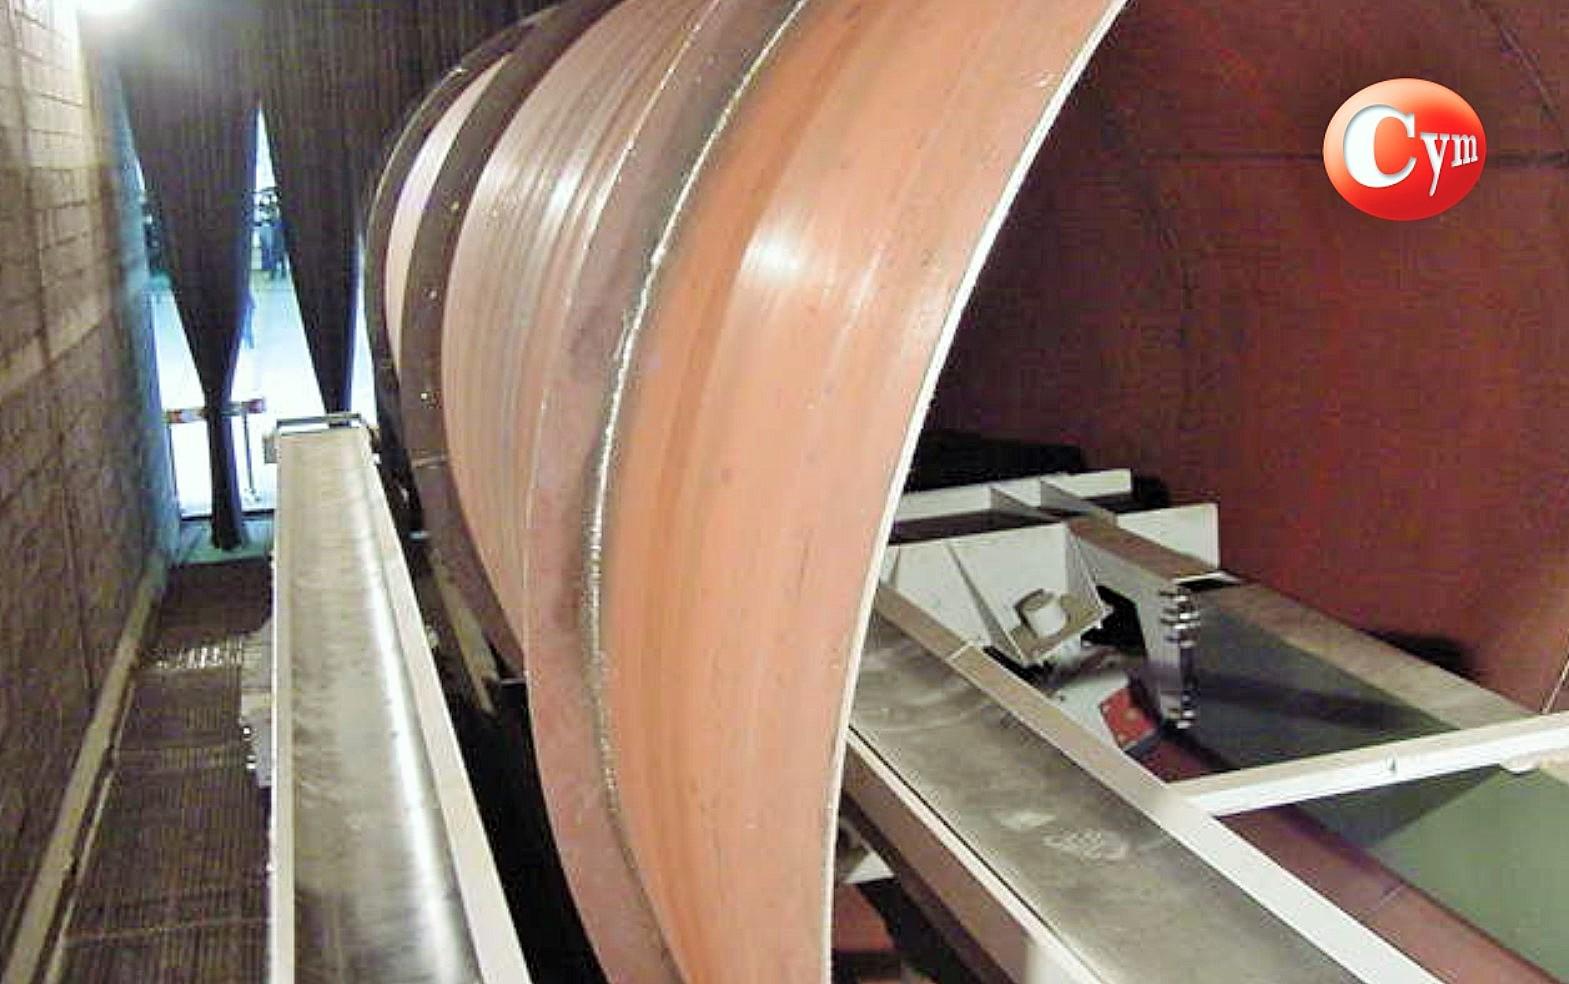 granalladora-interno-y-externo-de-tubos-con-turbina-cymmateriales